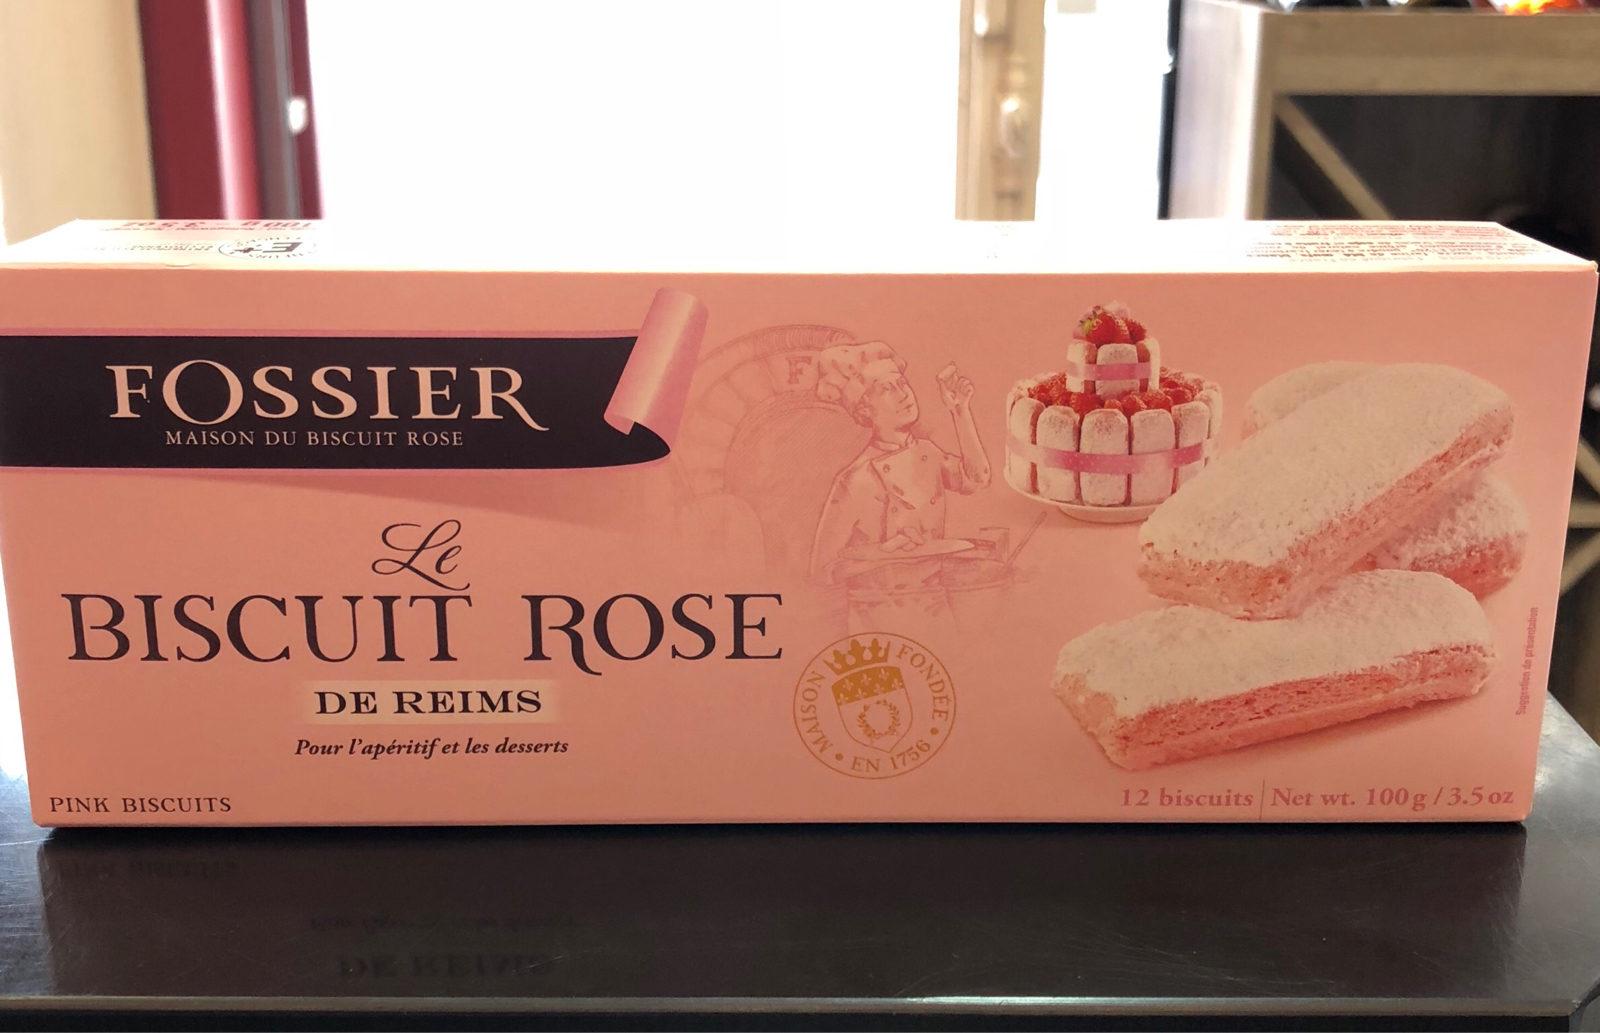 """Le Biscuit Rose de Reims """"Fossier"""""""